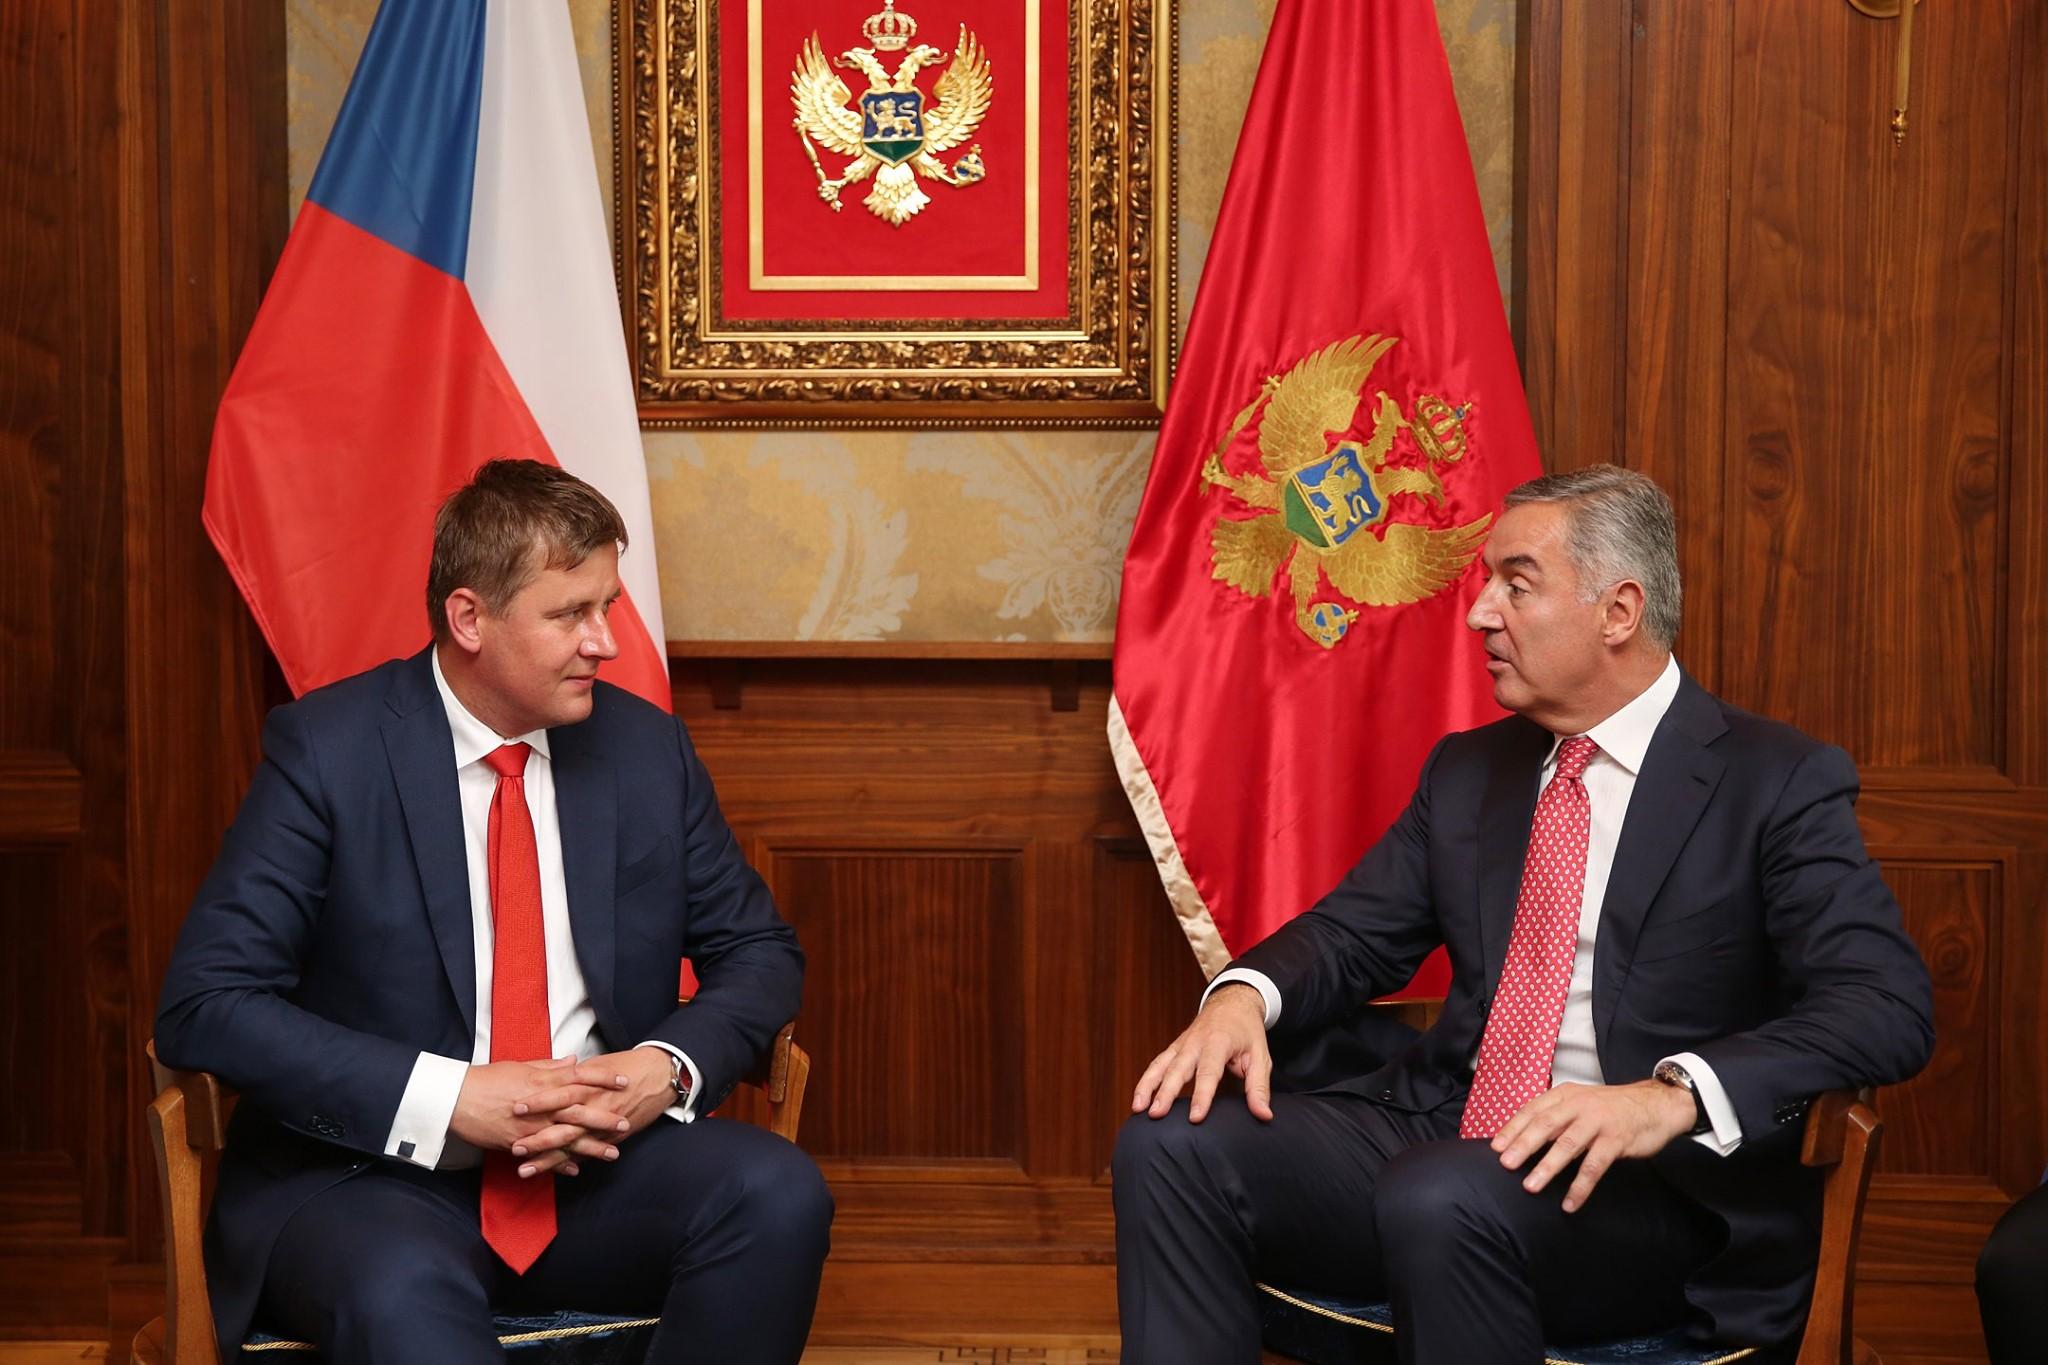 Ministar spoljnih poslova Češke Republike Tomaš Petriček u službenoj poseti Crnoj Gori